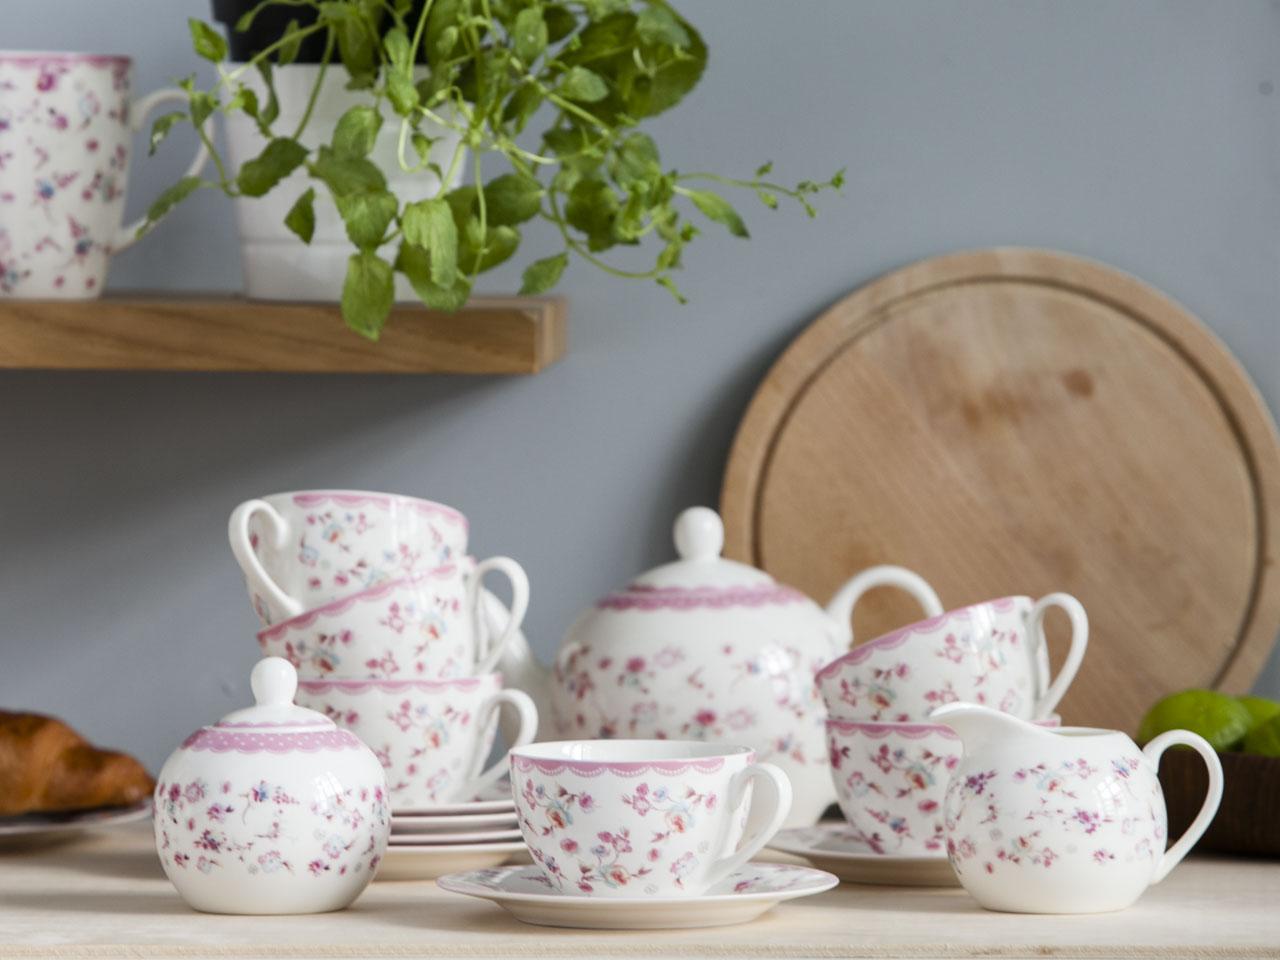 Serwis / Zestaw kawowy na 6 osób porcelana Altom Design kolekcja Folly (15 elementów / opakowanie prezentowe)